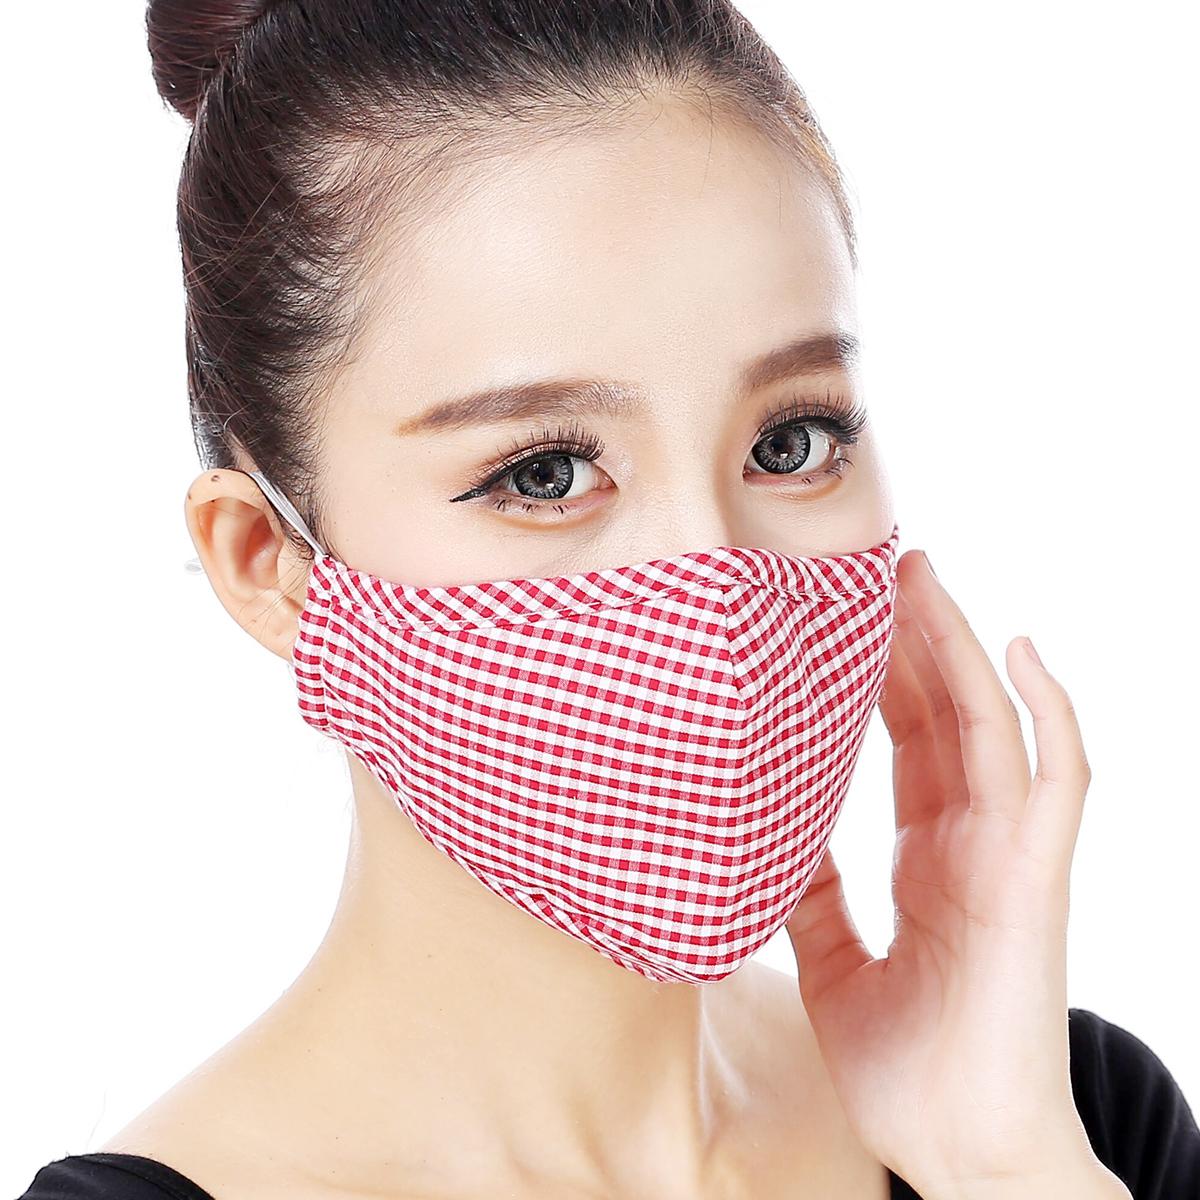 防雾霾pm2.5口罩纯棉布个性韩版女透气时尚秋冬季保暖送KN95滤片图片